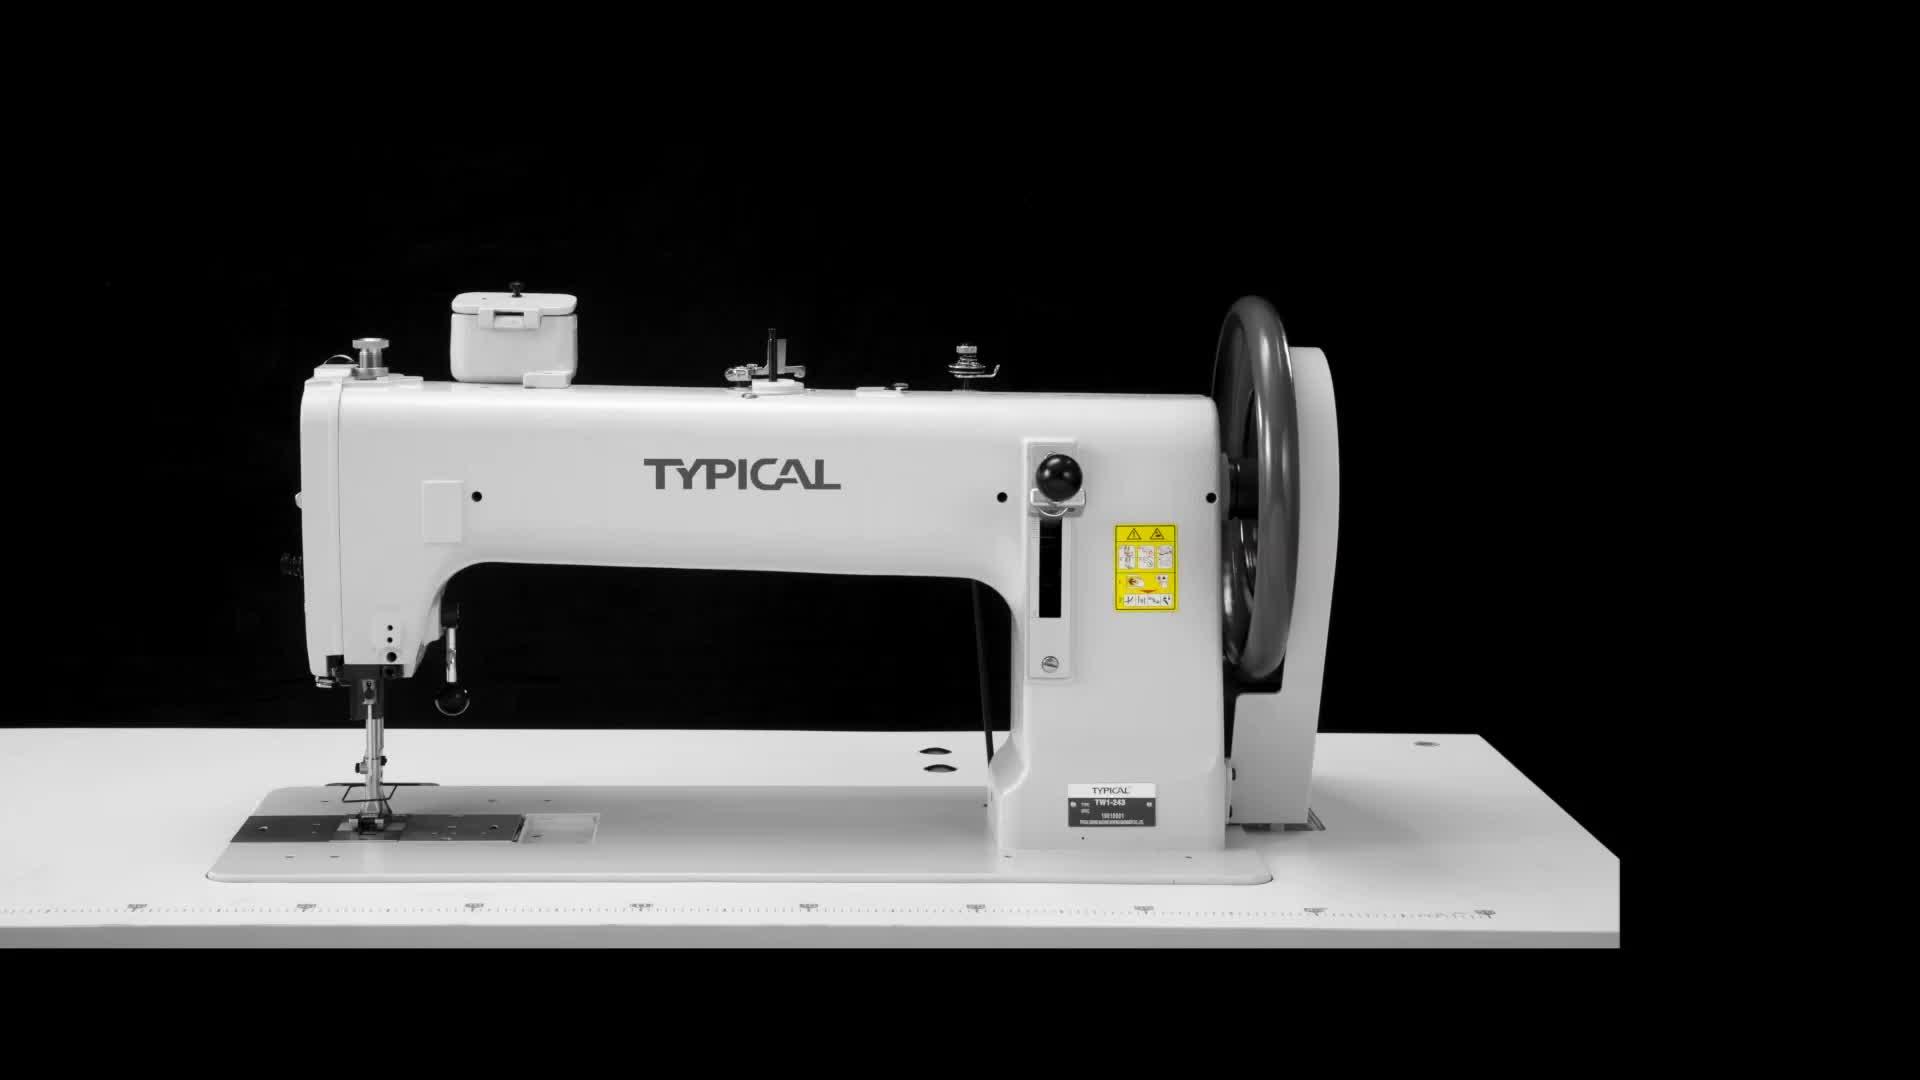 TW1-243Q Extra deber cinturón de seguridad sastrería máquinas de coser precio industrial